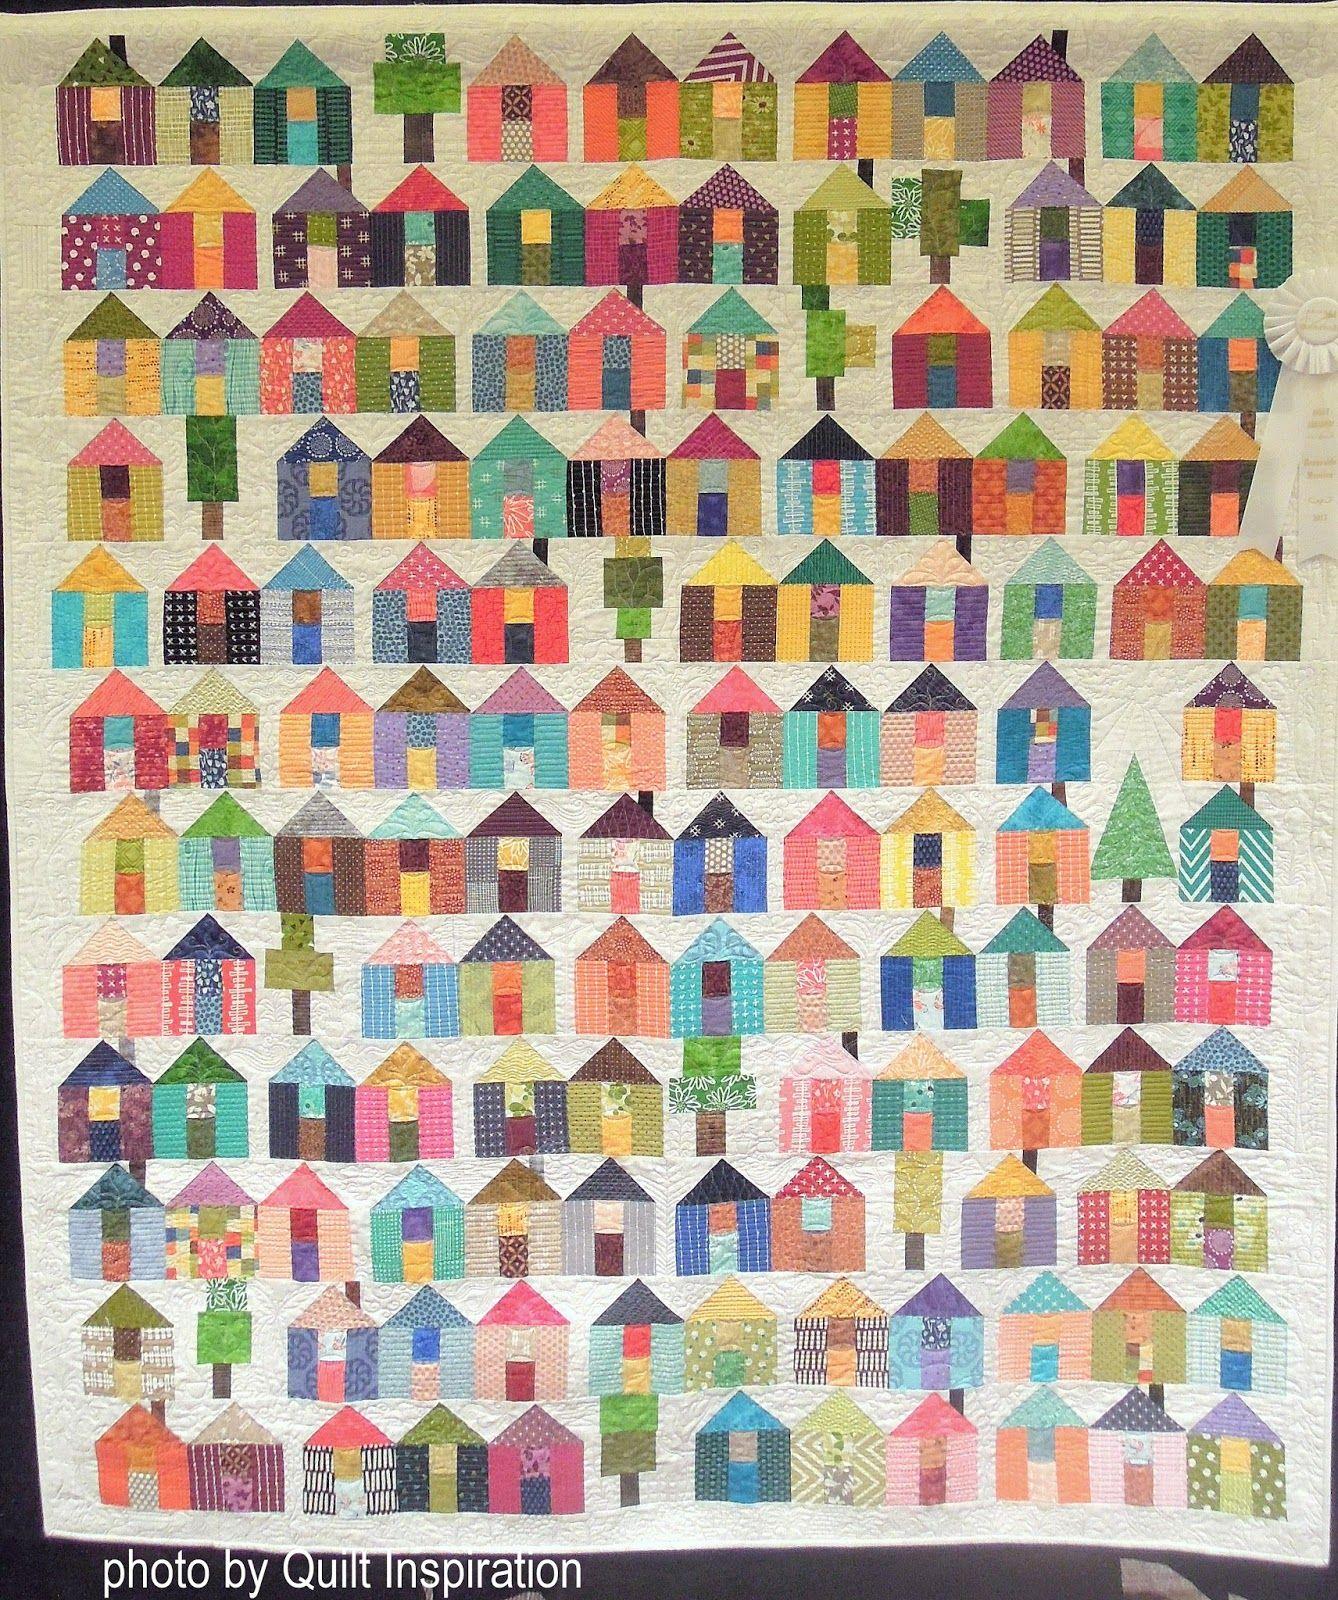 Scrap Happy Quilts House Quilt Patterns Scrap Quilt